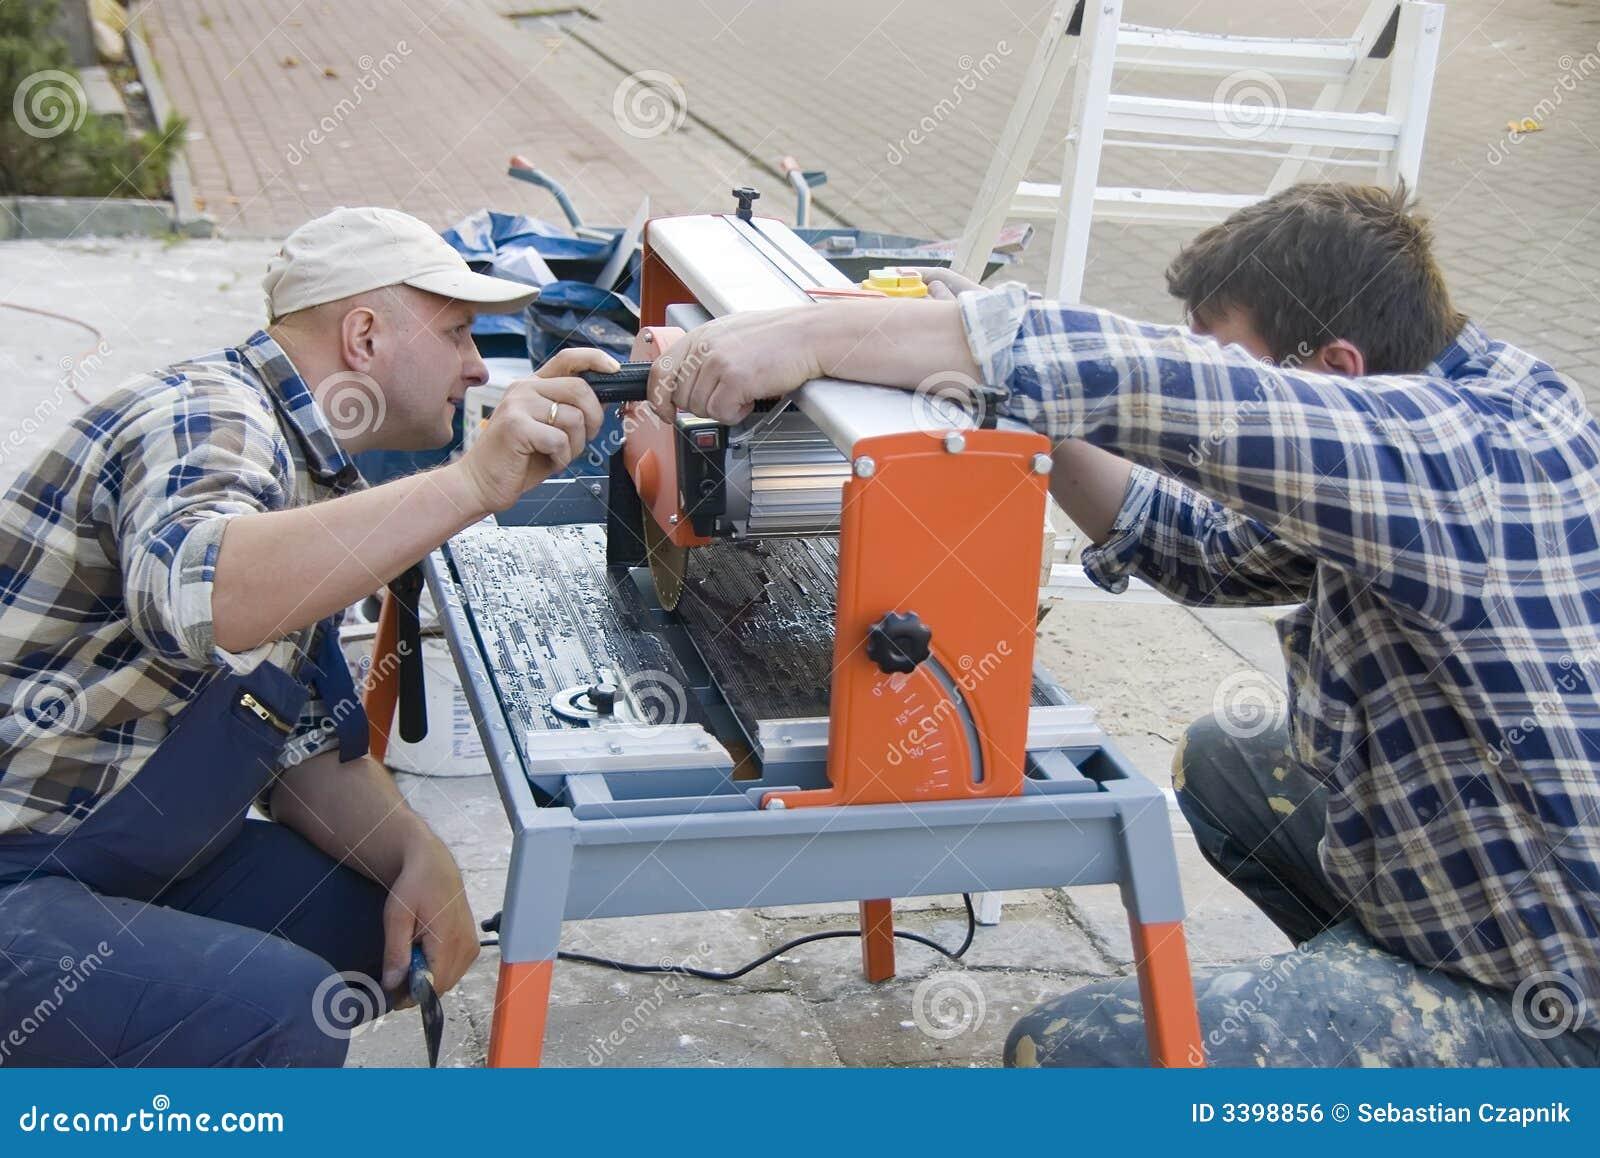 Maszyny rozbioru płytki